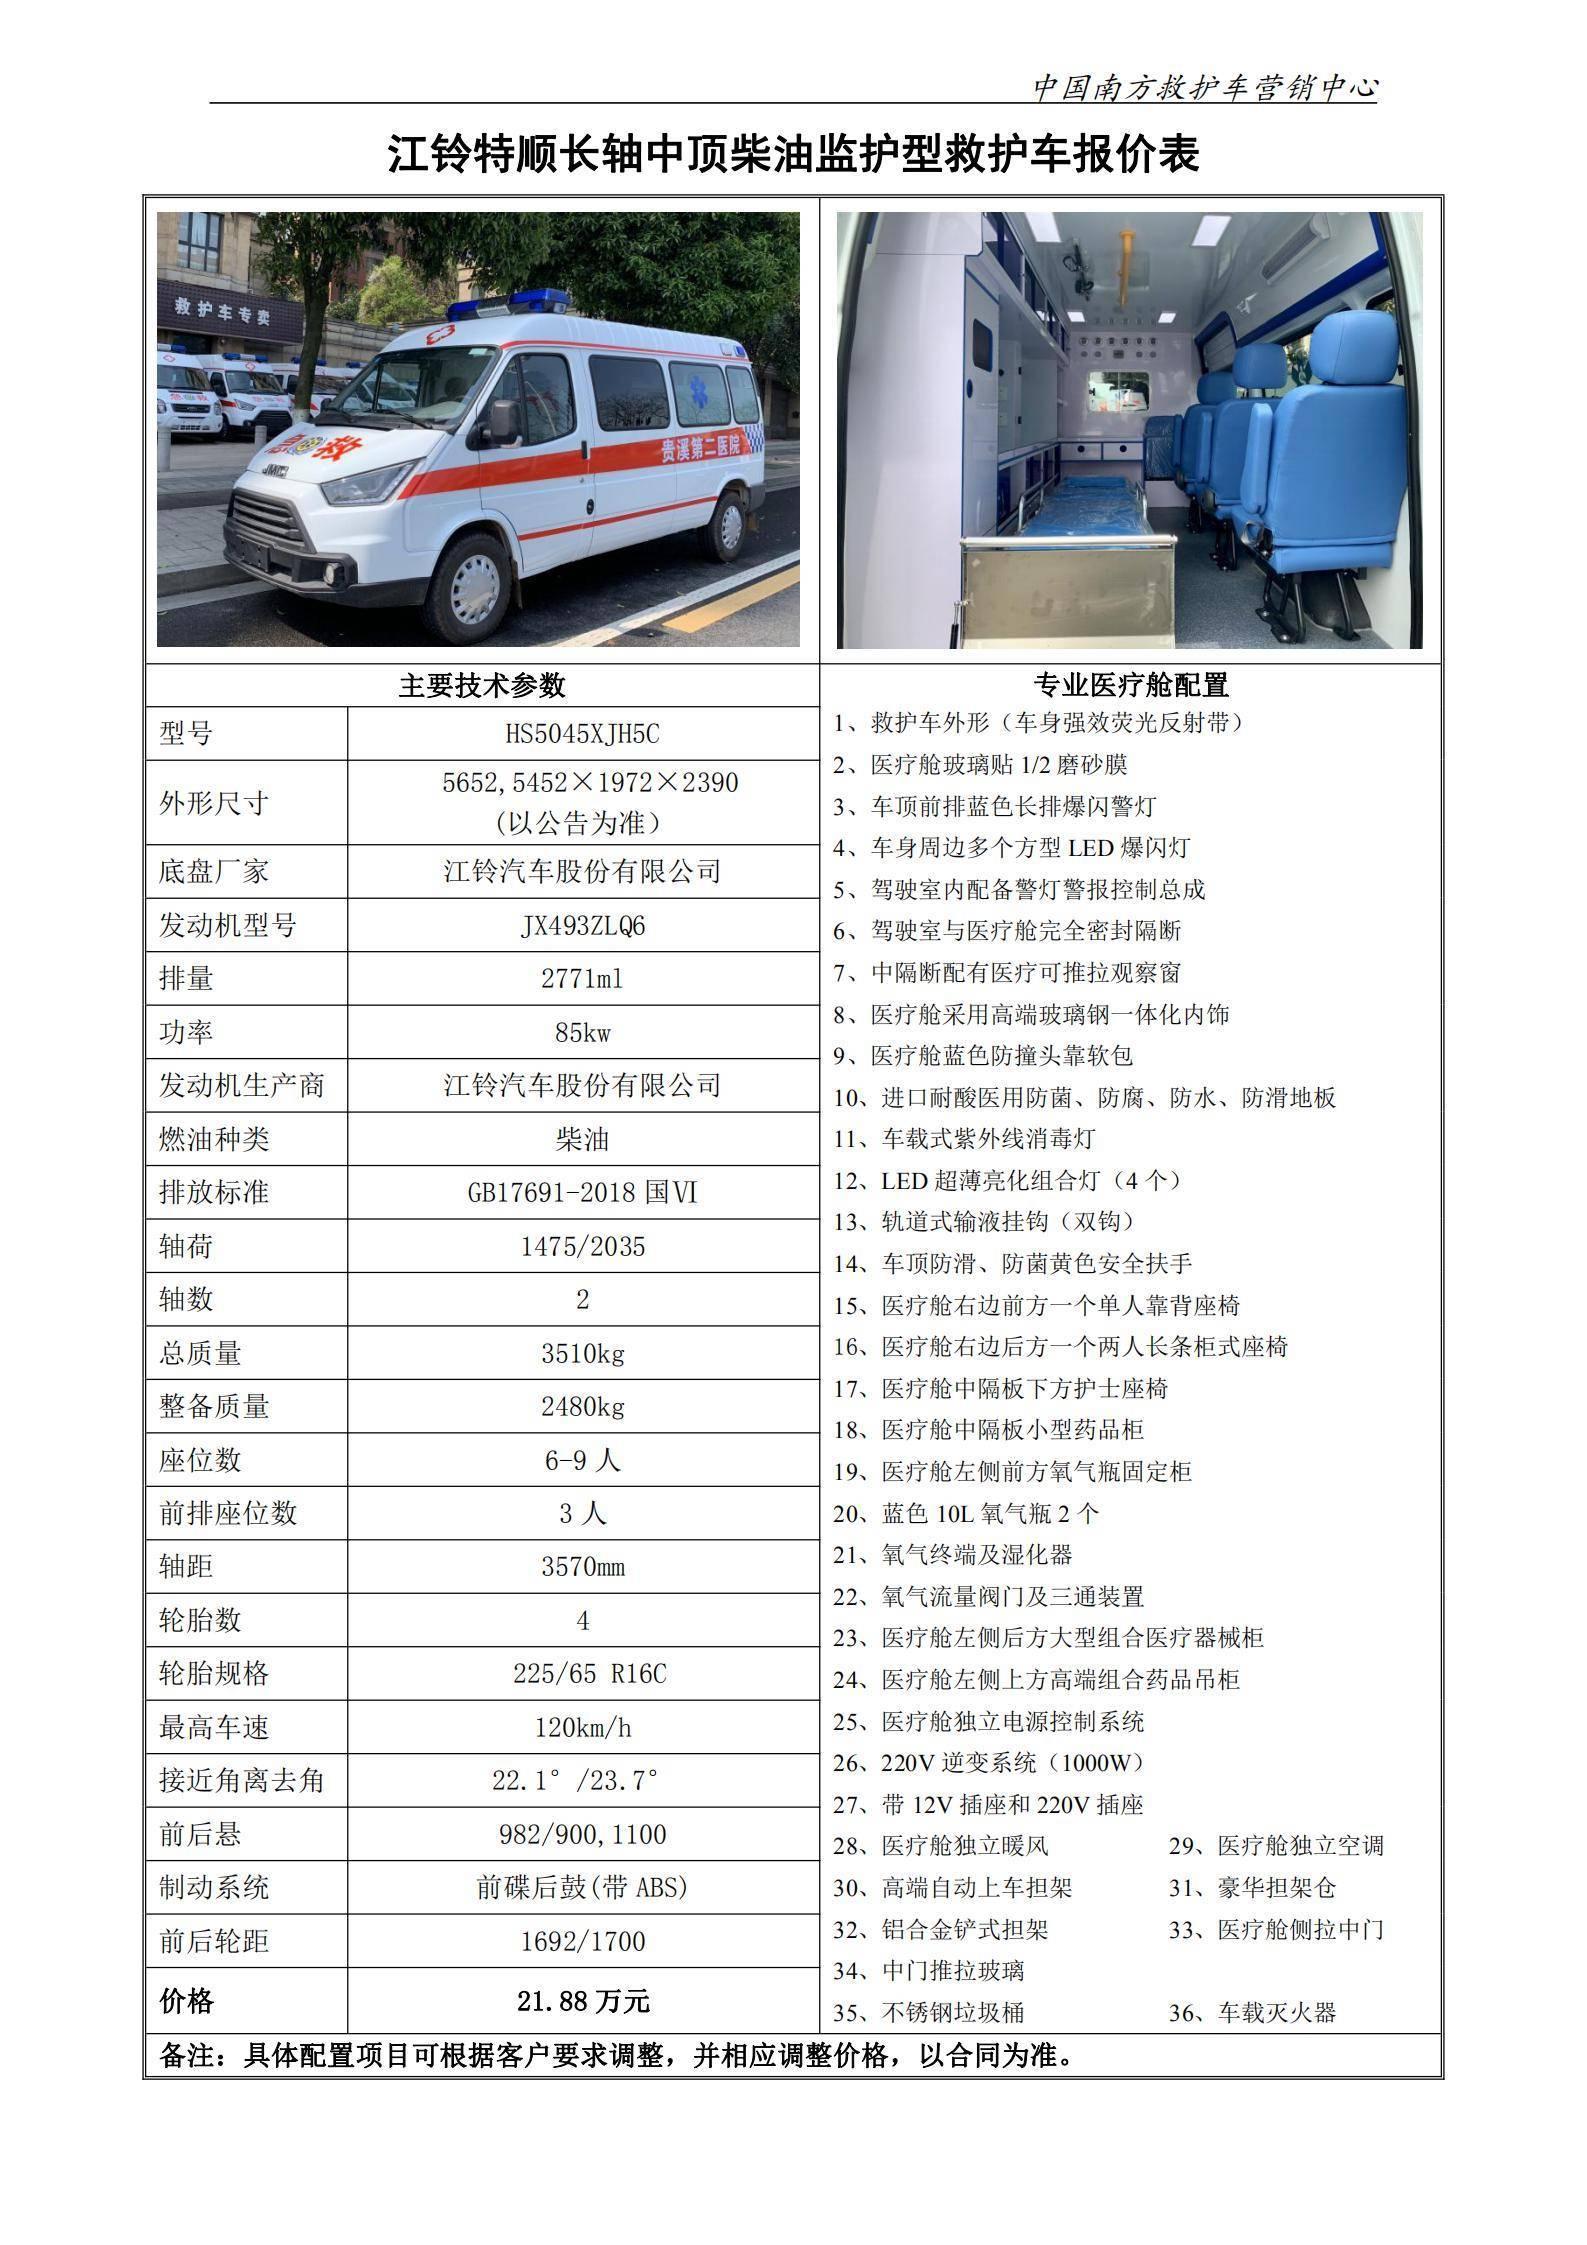 20、江铃特顺长中监护型救护车_00